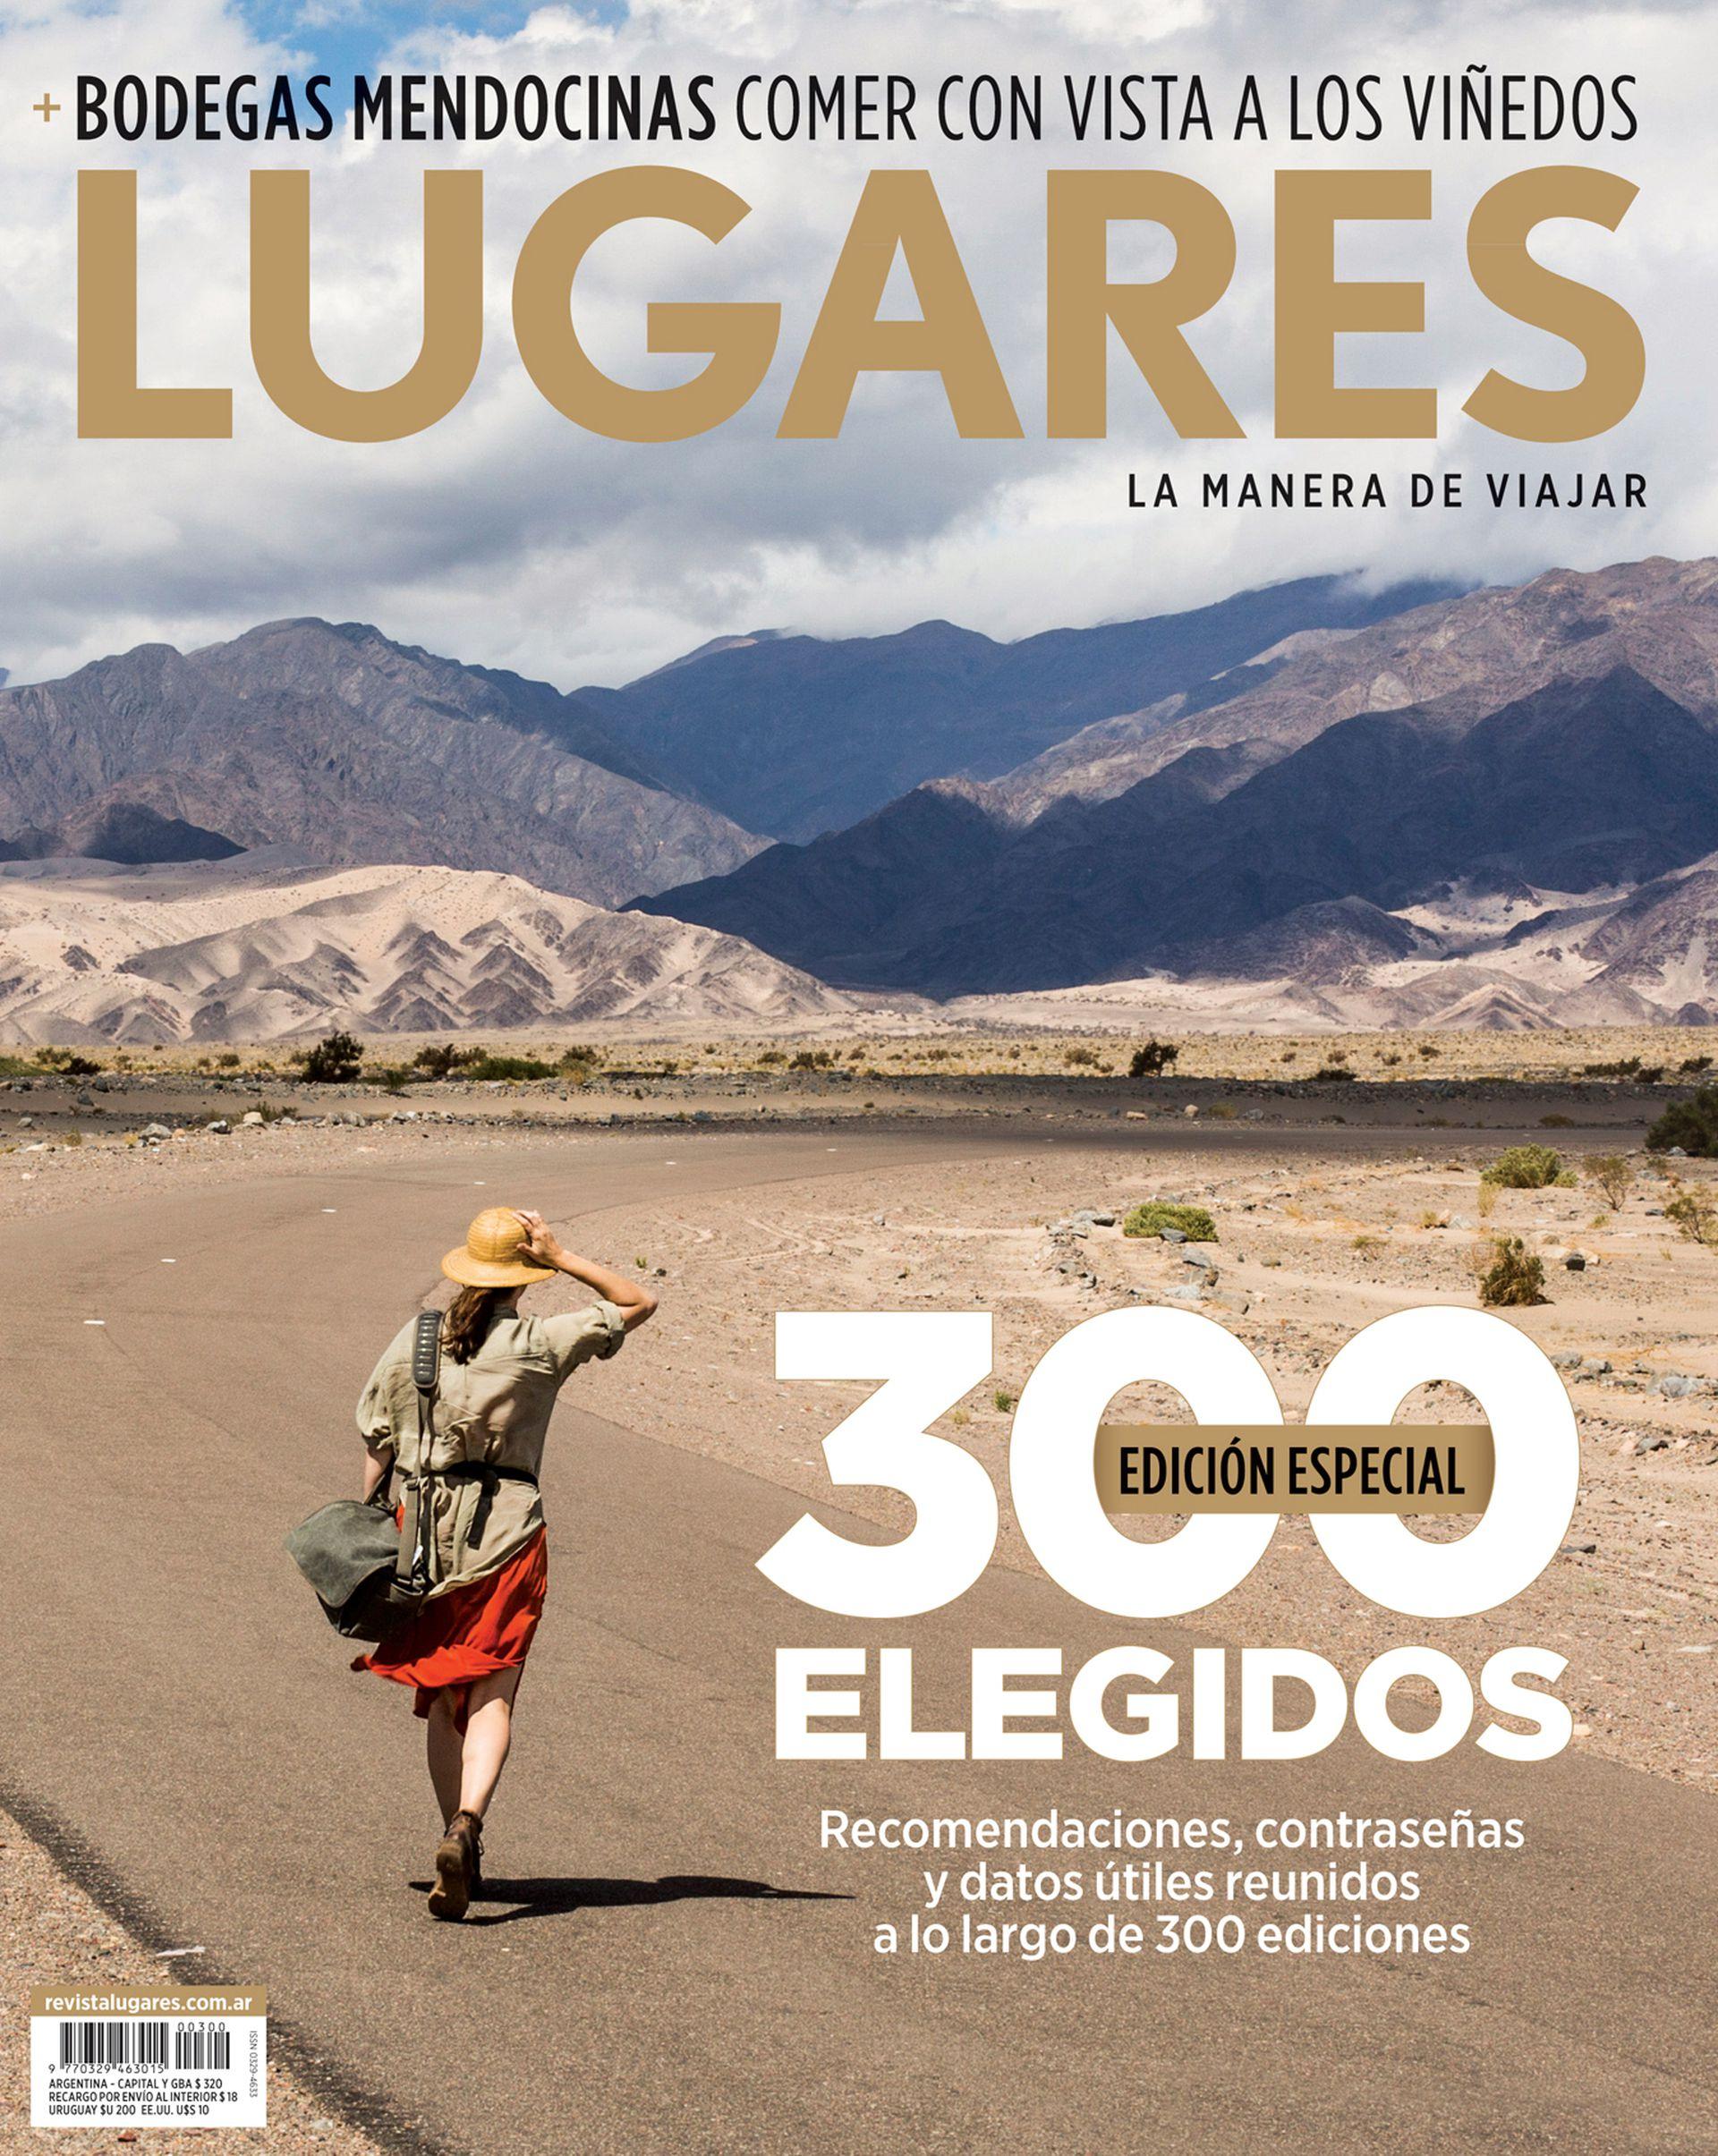 La tapa de la revista LUGARES de abril.